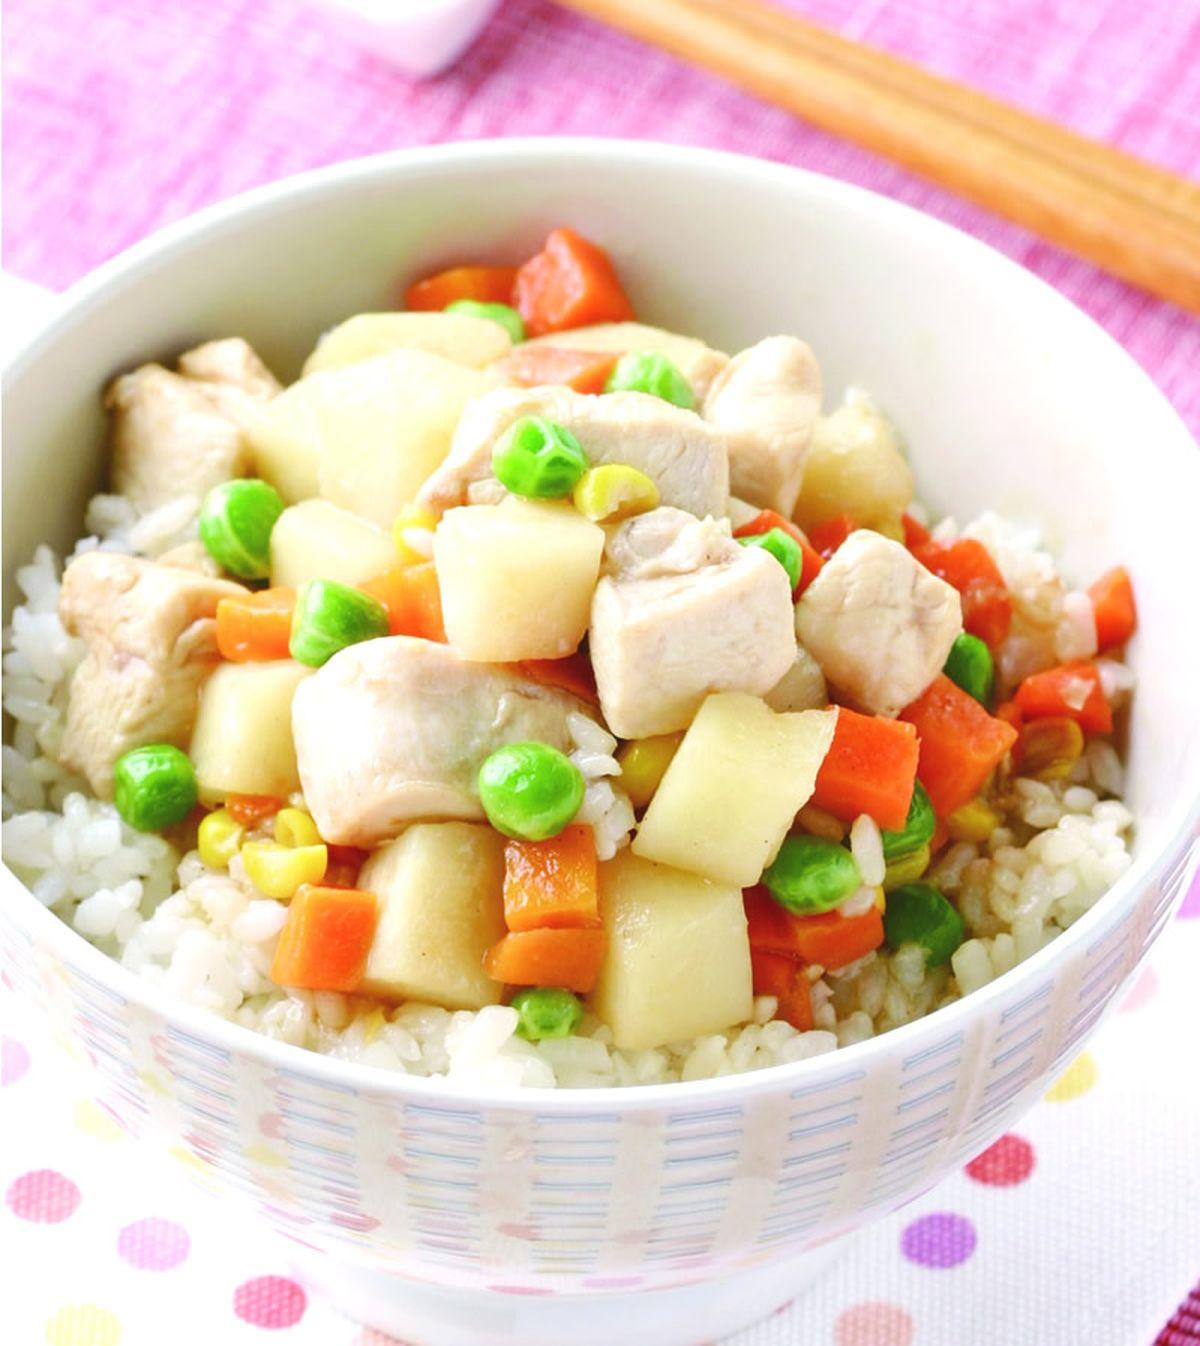 食譜:馬鈴薯玉米雞燴飯